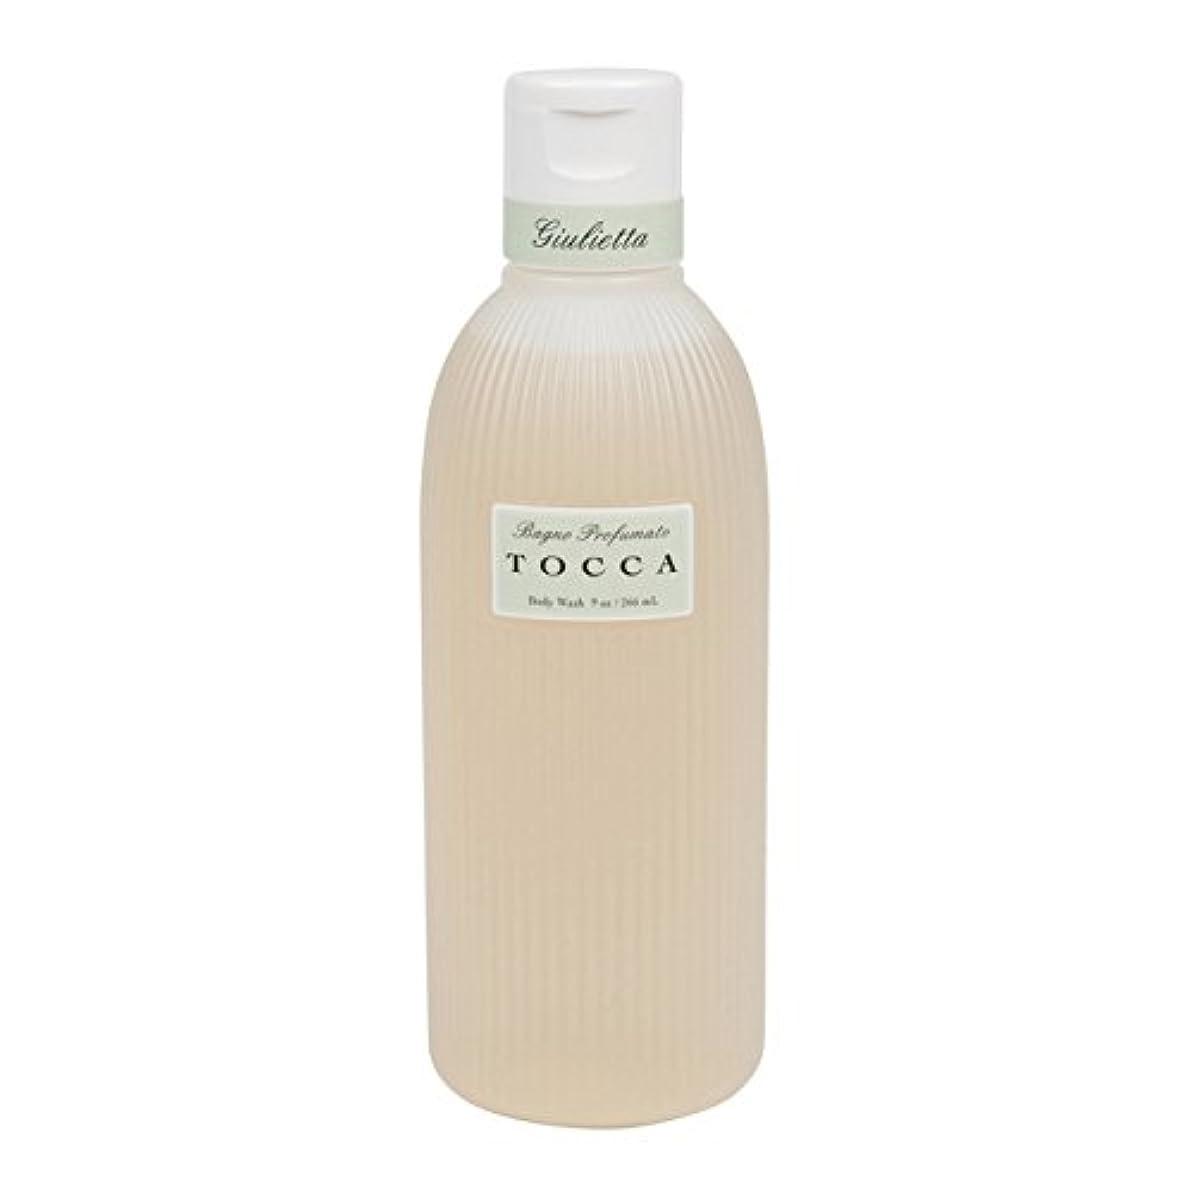 豚肉コンバーチブル安全性トッカ(TOCCA) ボディーケアウォッシュ ジュリエッタの香り 266ml(全身用洗浄料 ボディーソープ ピンクチューリップとグリーンアップルの爽やかで甘い香り) [並行輸入品]